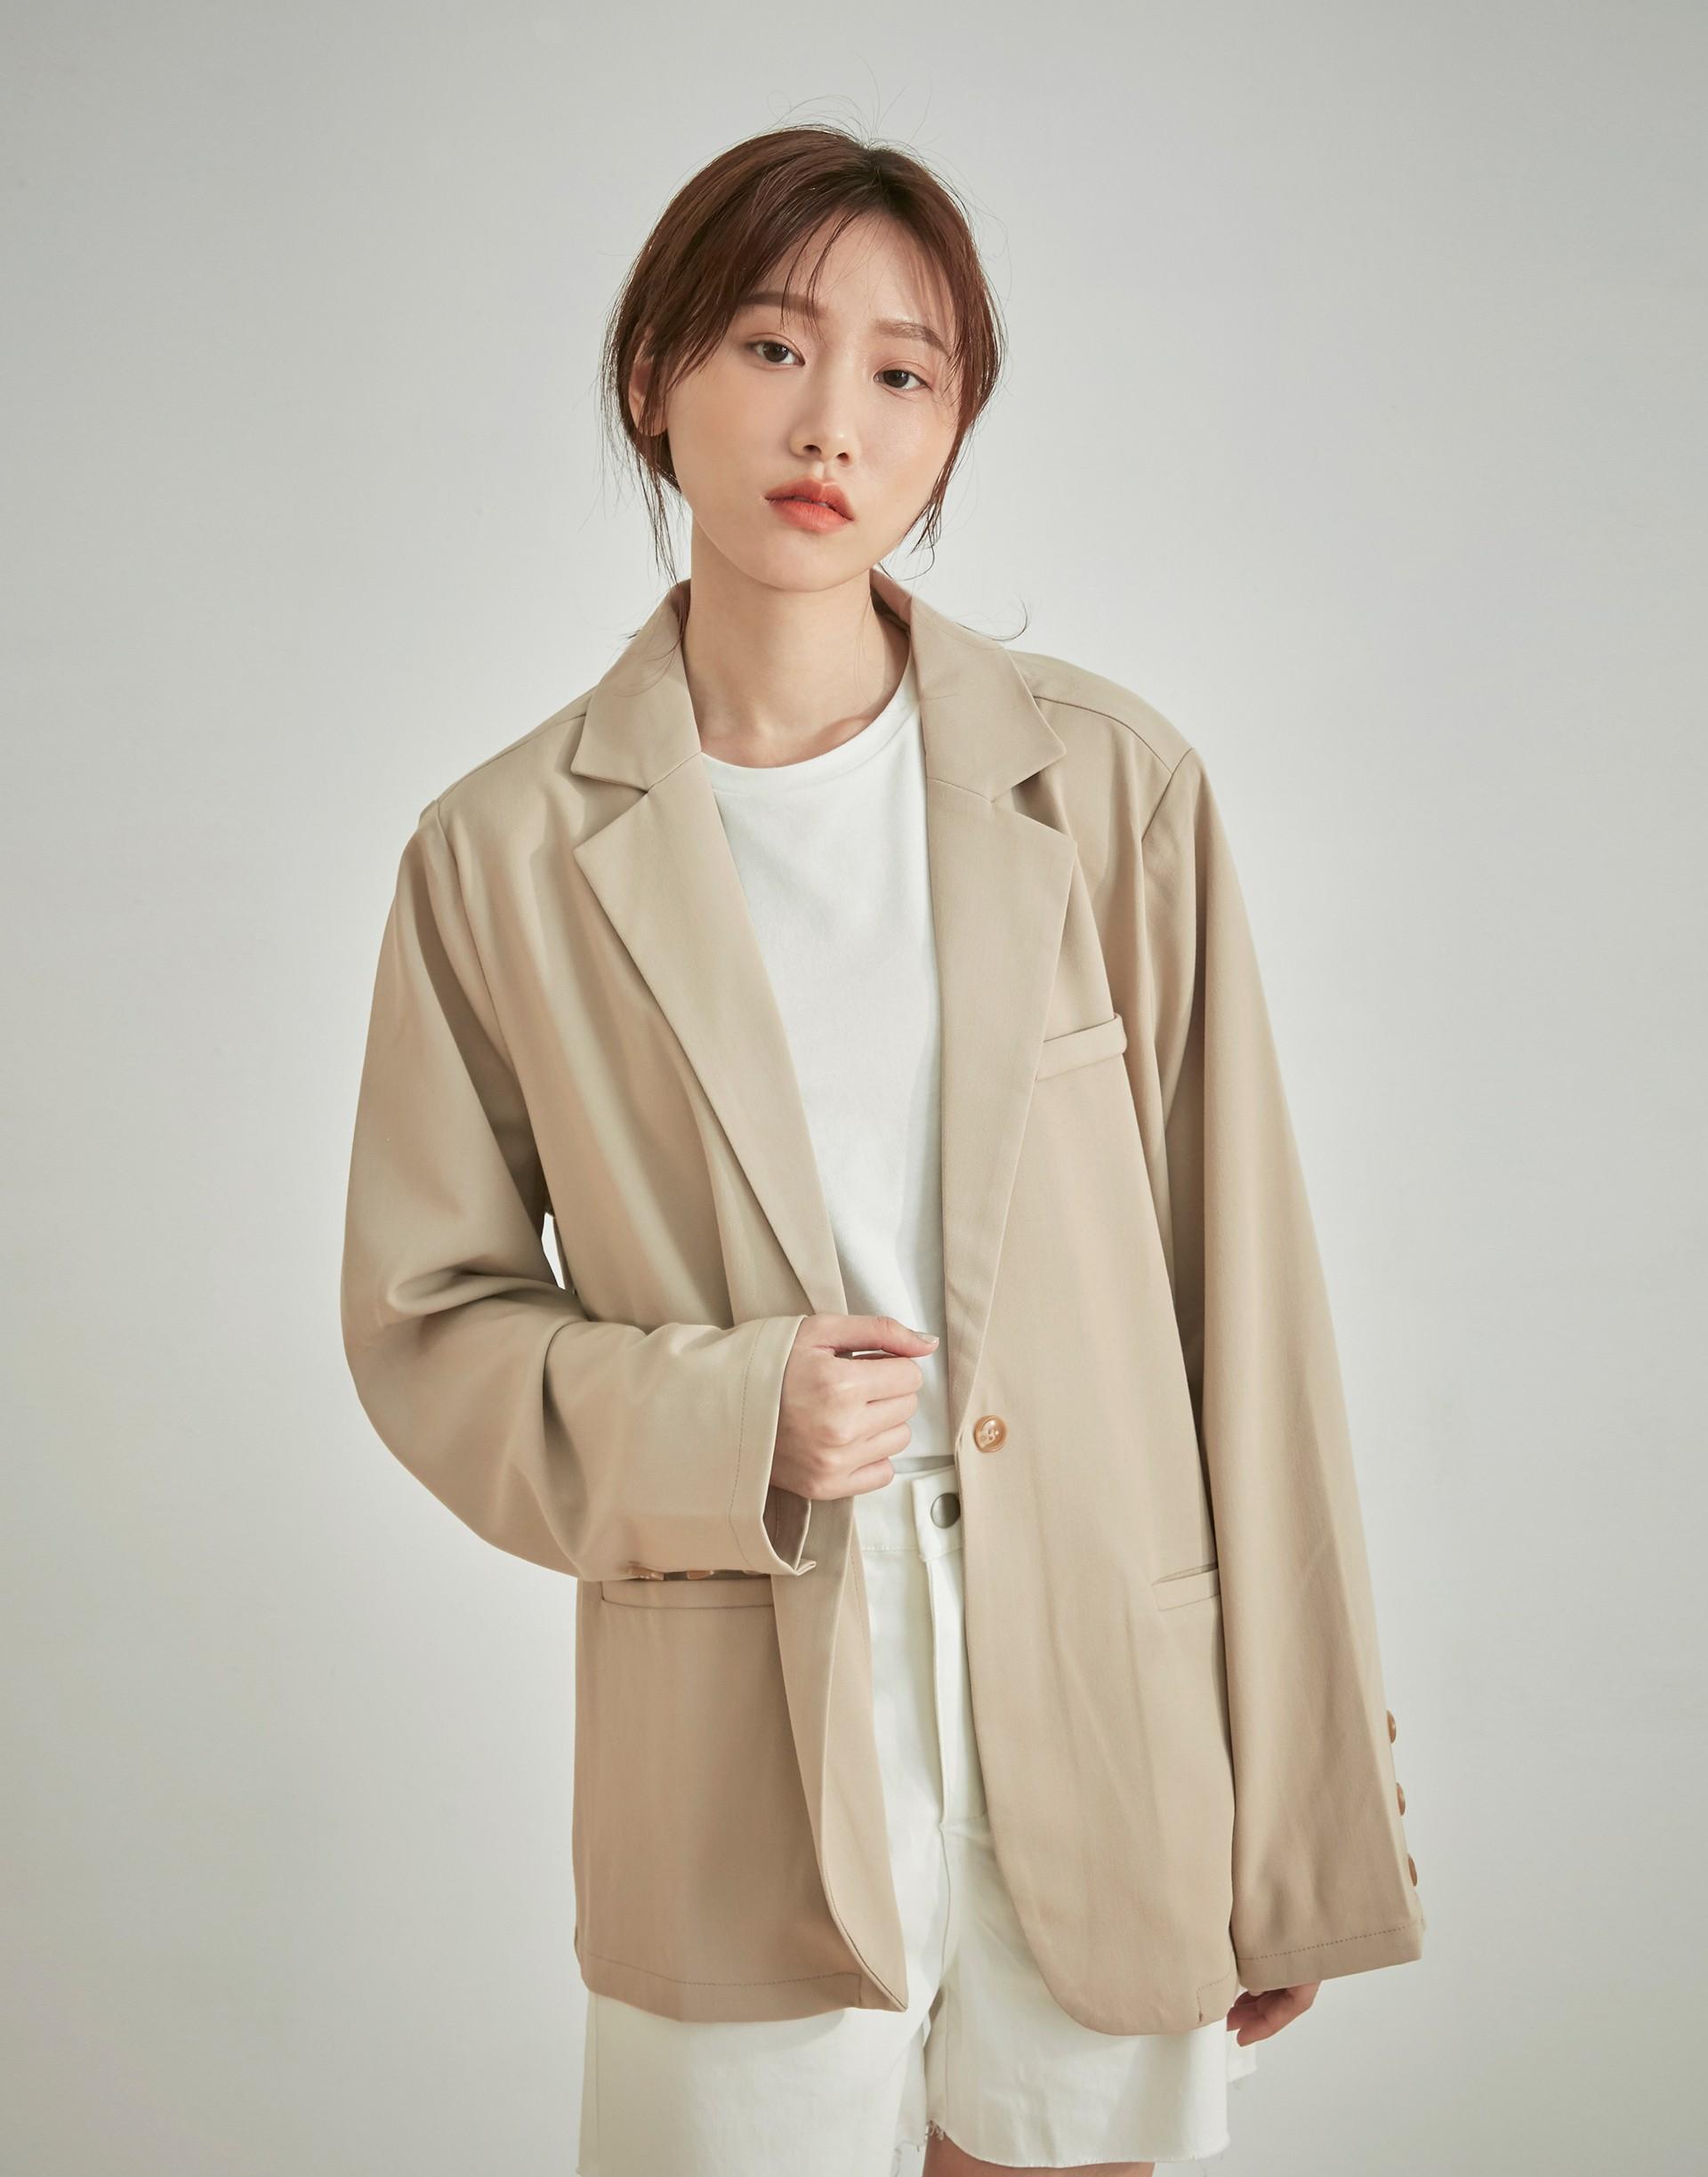 彈性:適中 質感、西裝棉質料、微墊肩、單釦設計、前真口袋、後中下擺開衩、率性微寬鬆版型